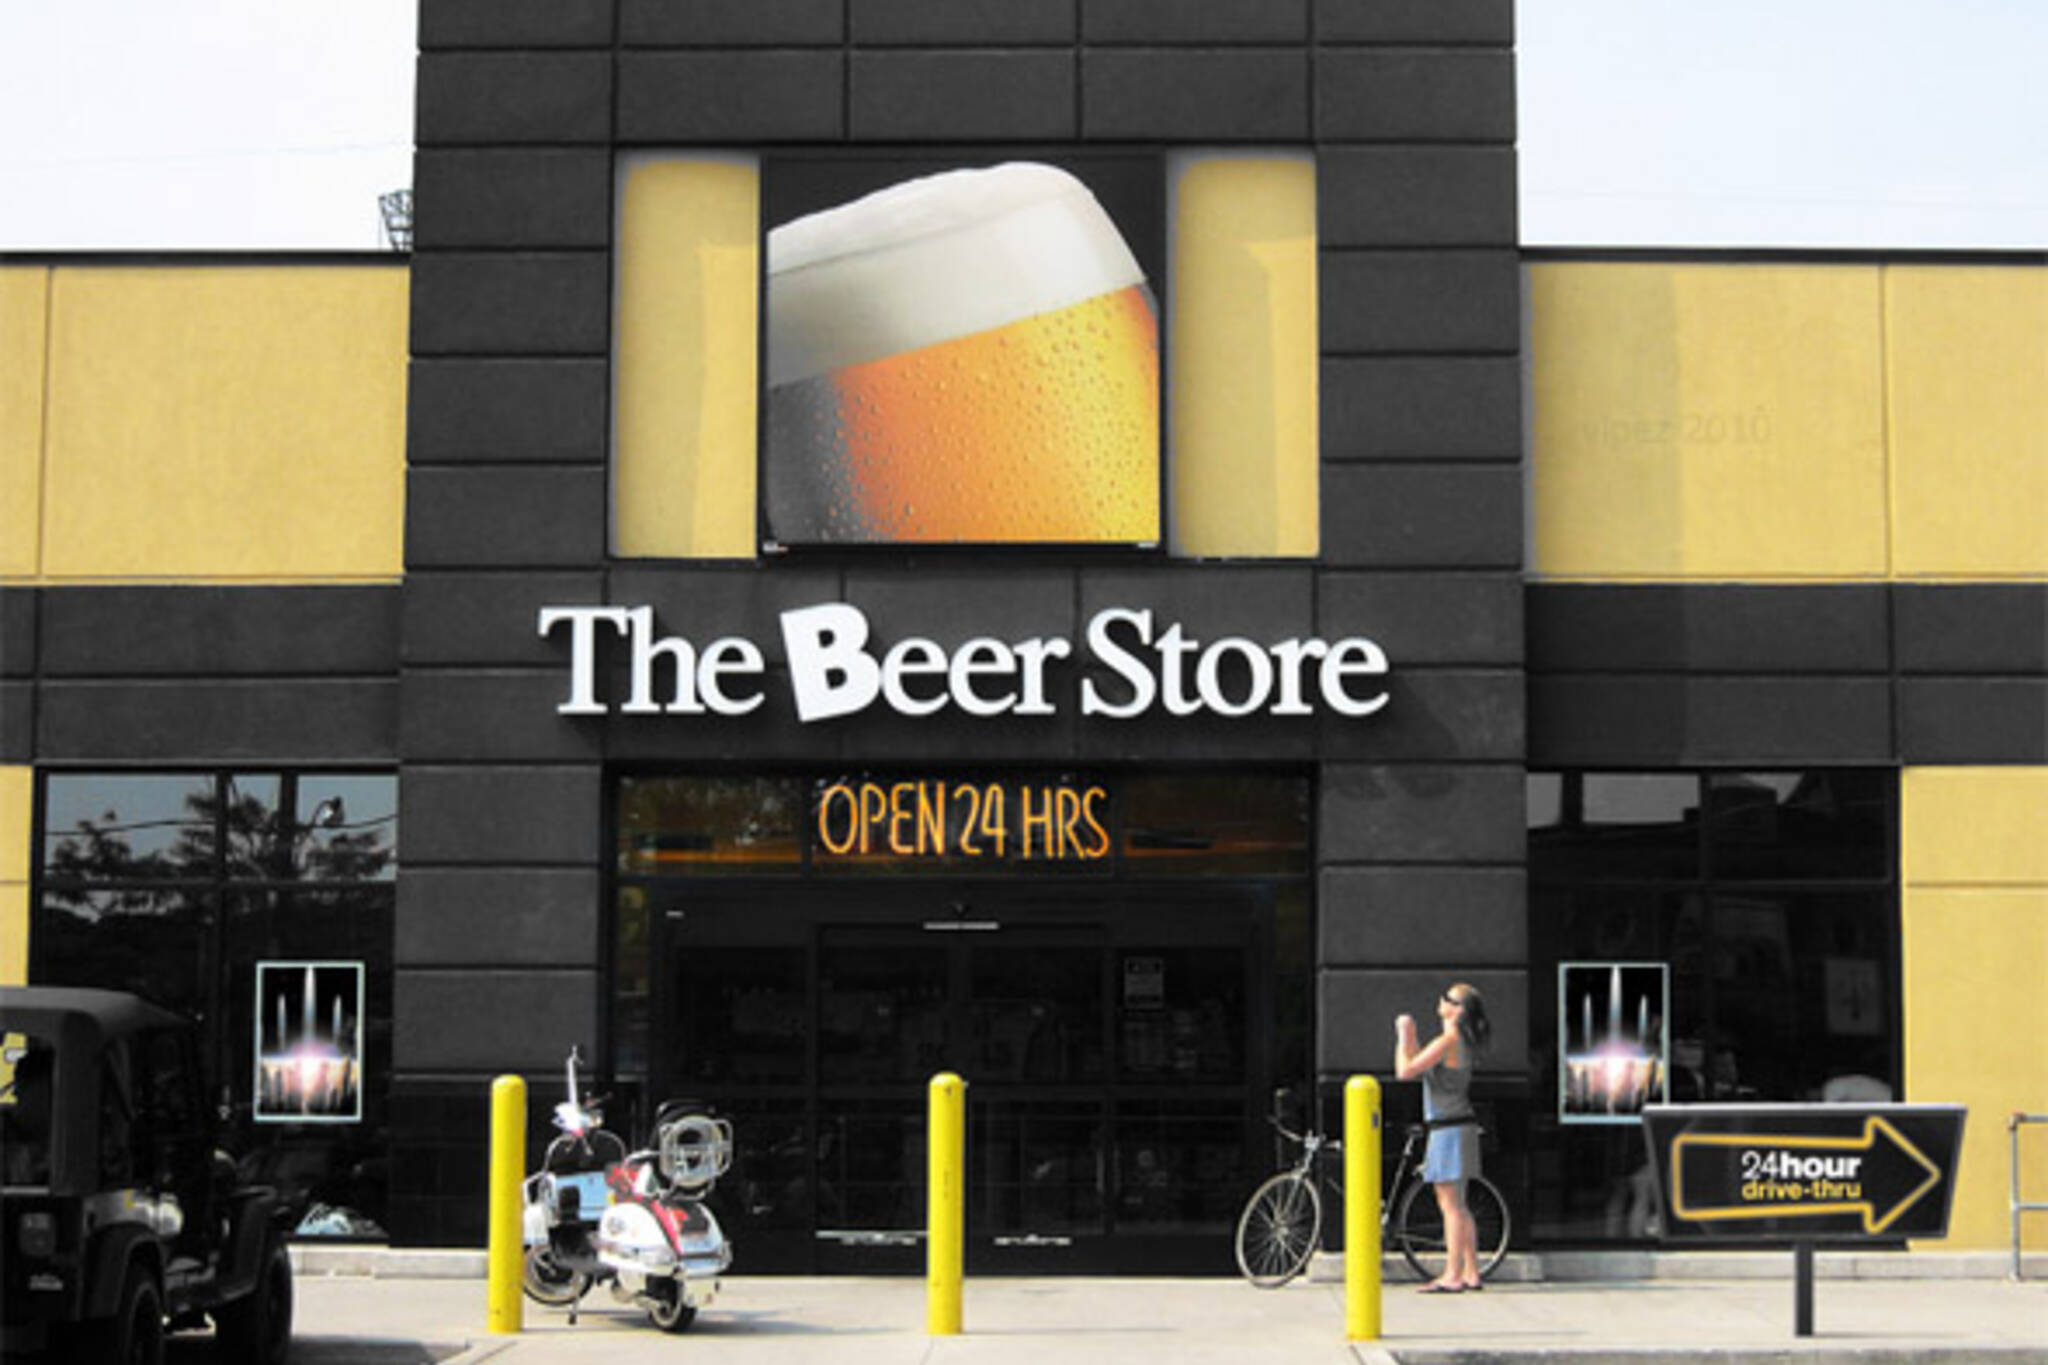 24h beer store toronto